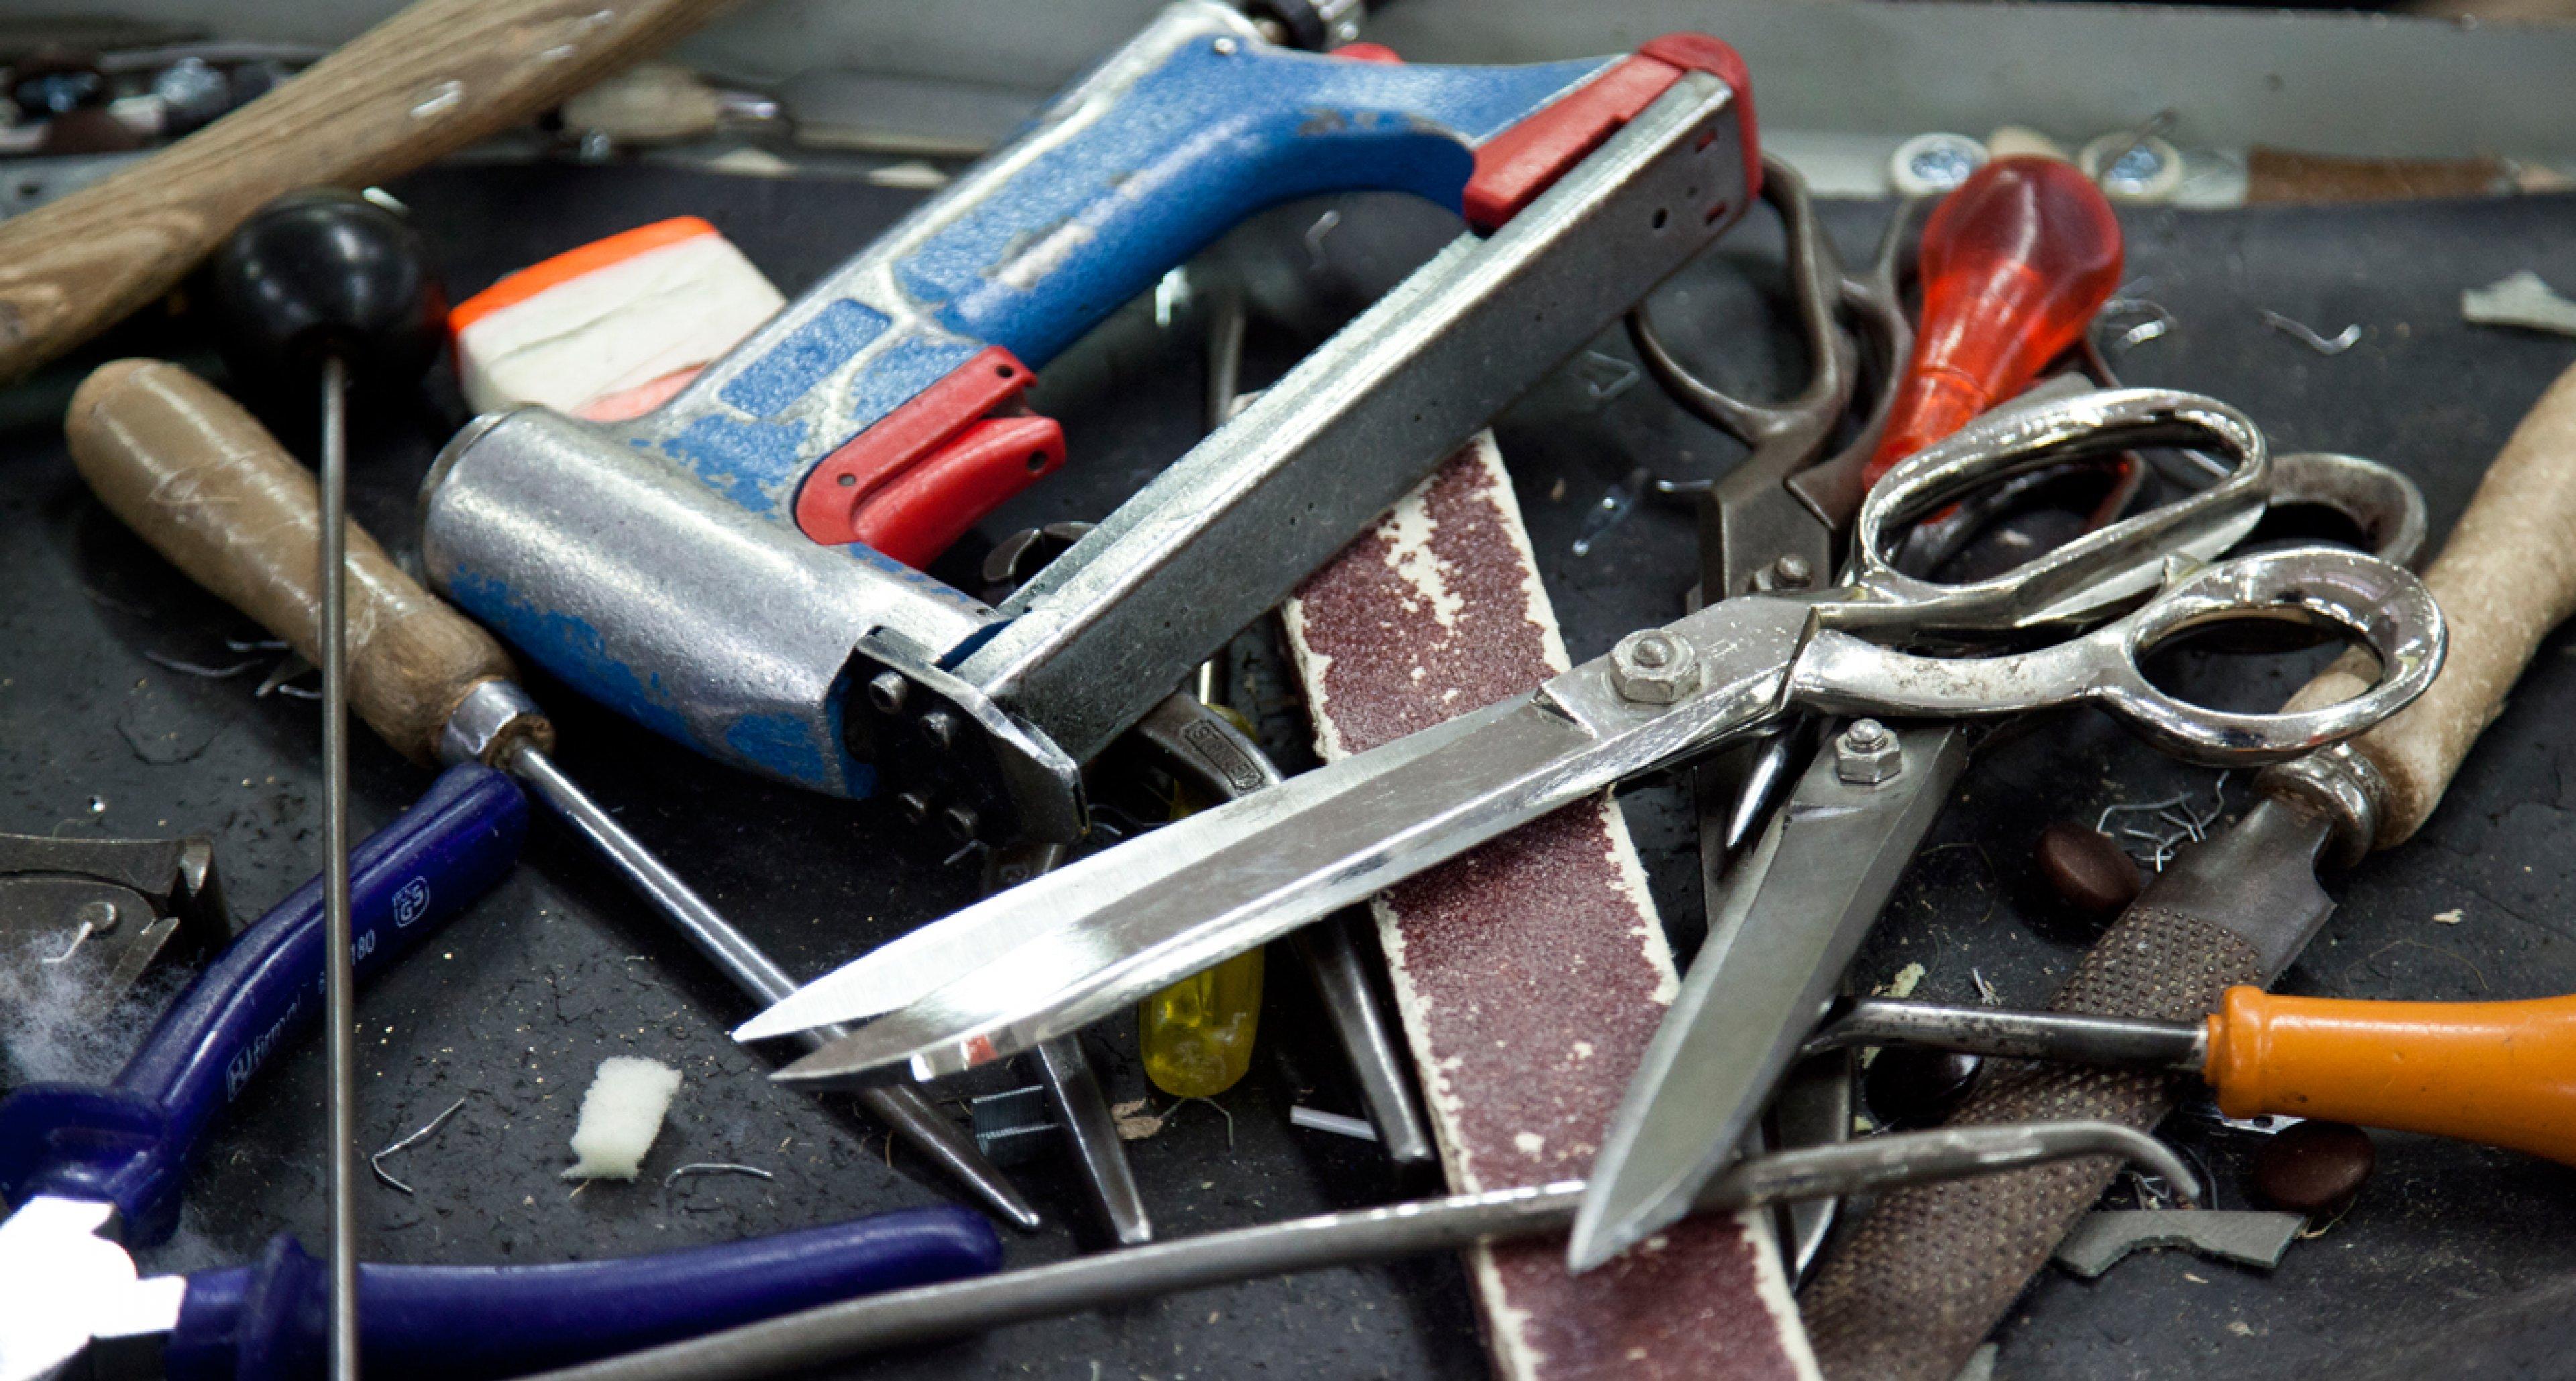 Tools at Poltrona Frau factory.